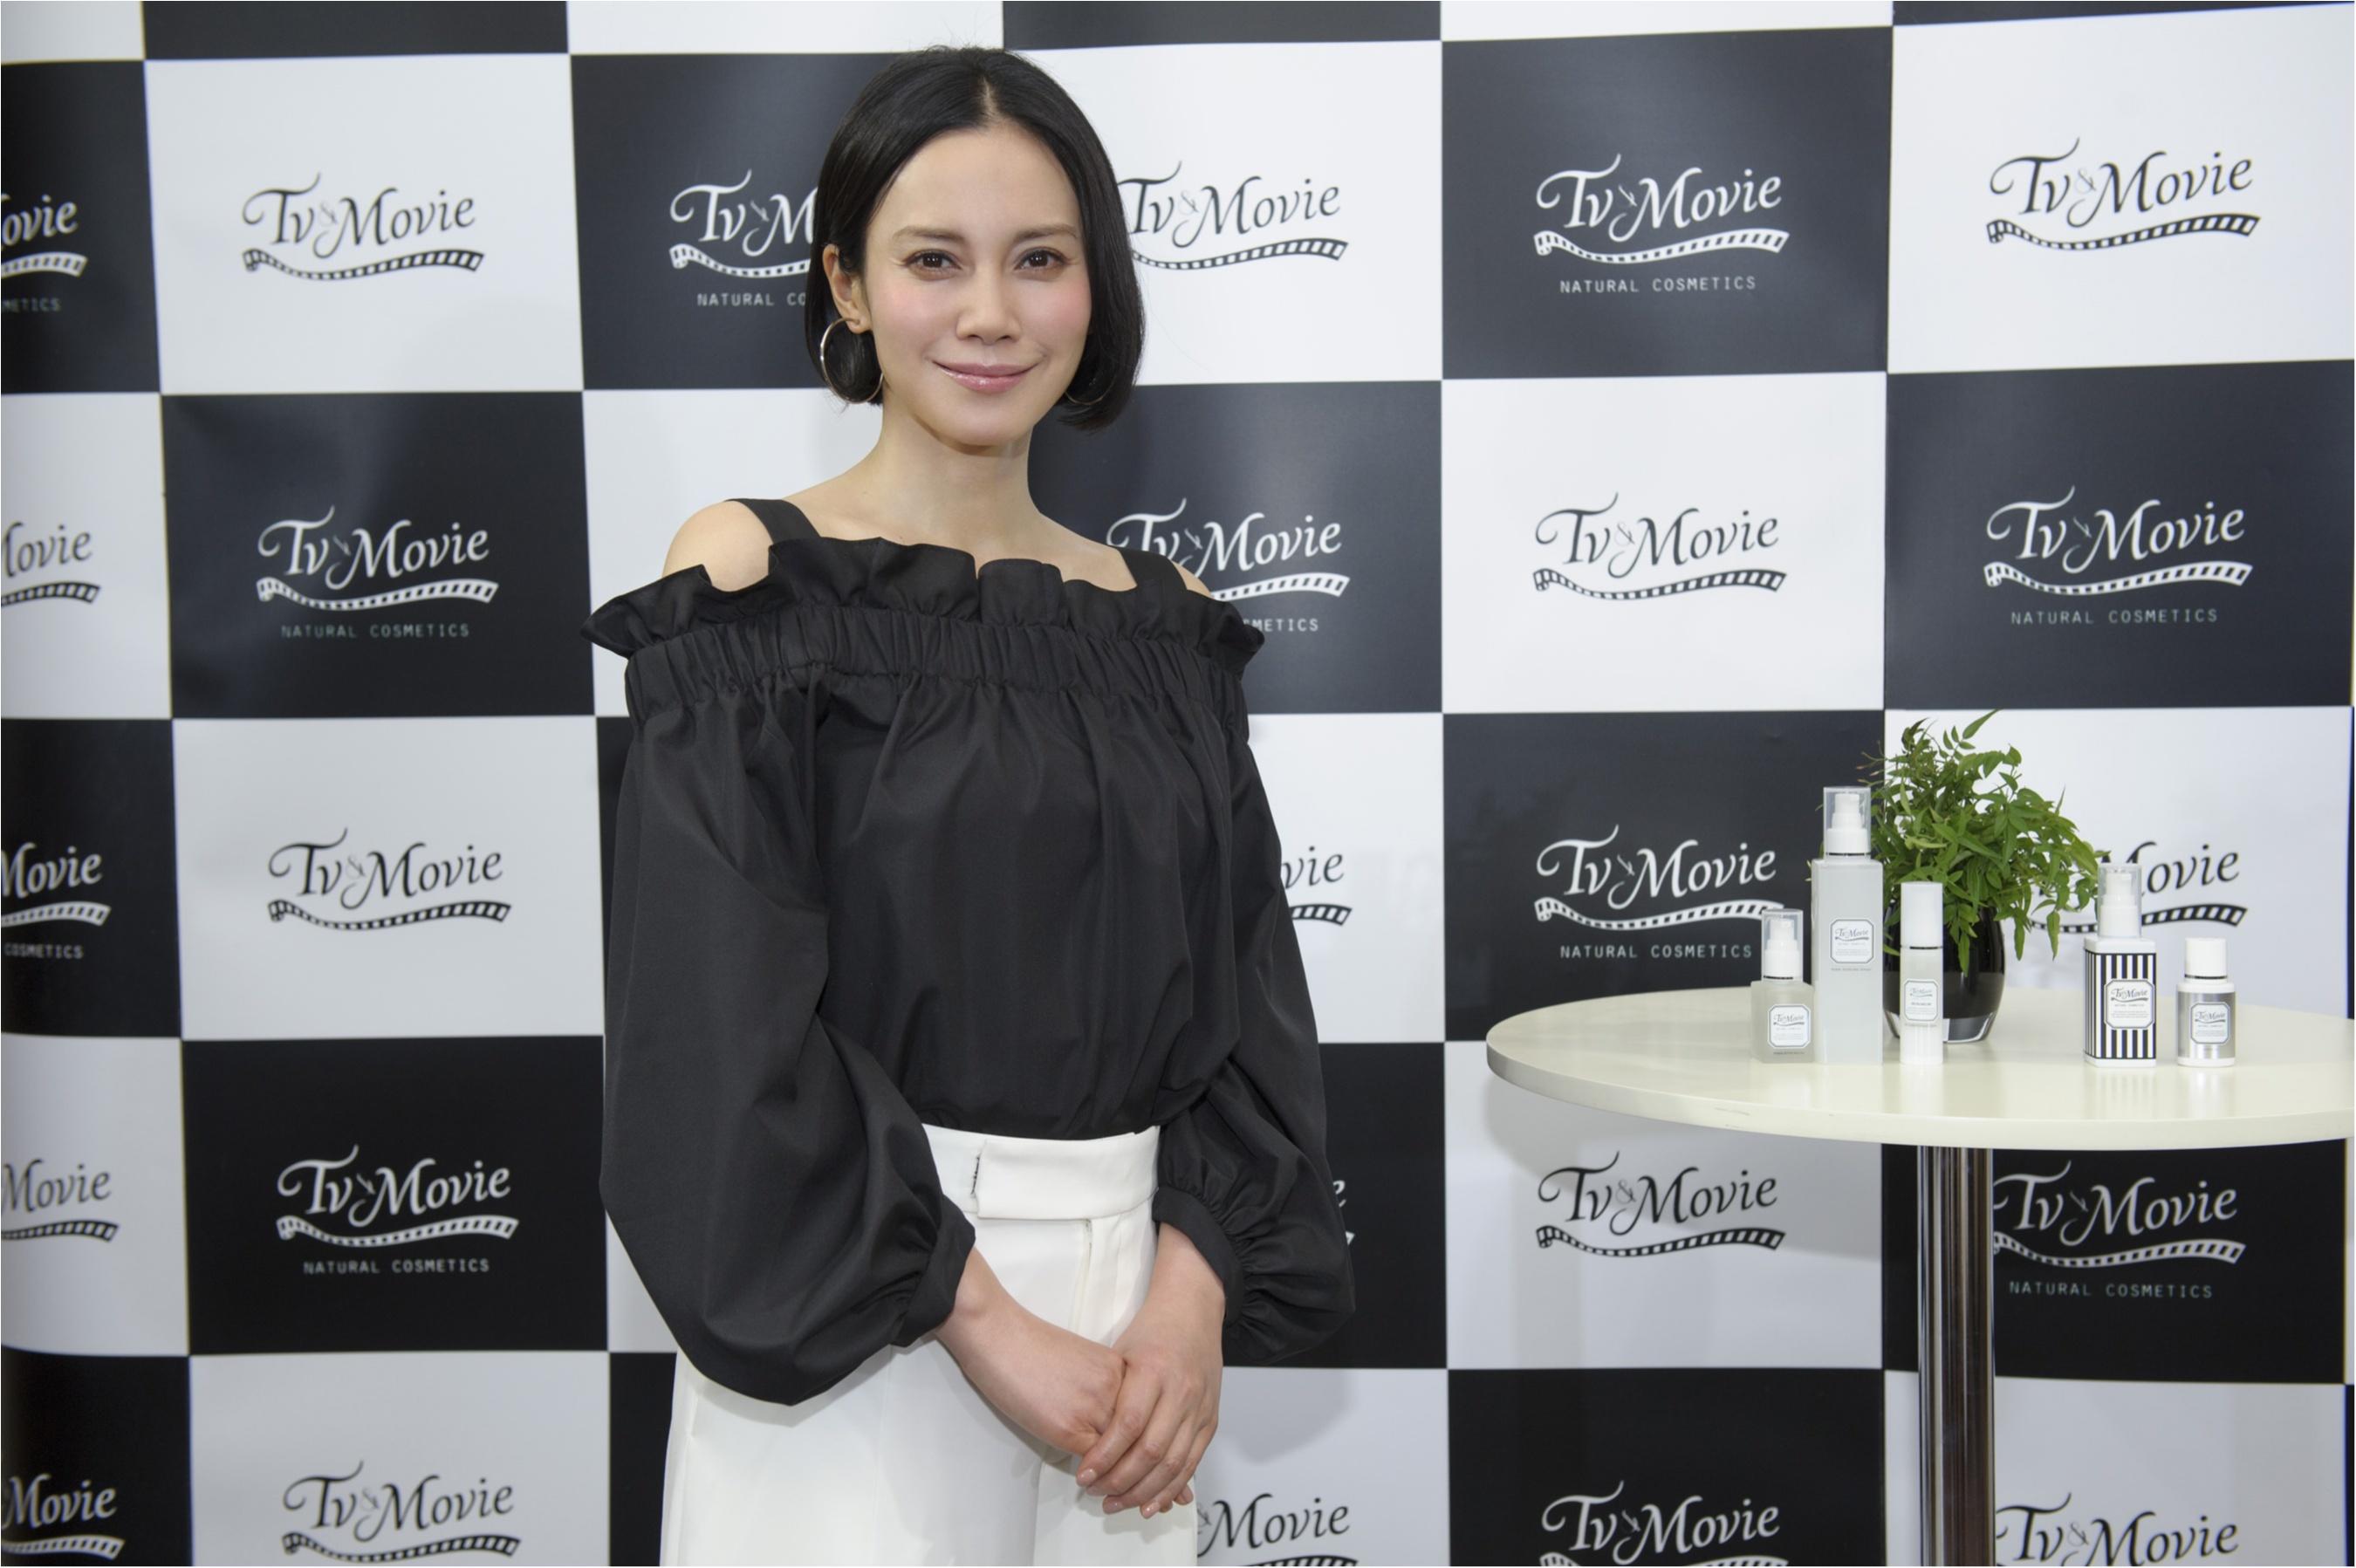 あまりの美しさに子分なべはるが失神寸前!? 中谷美紀さんの美肌を支える『Tv&Movie』の新製品発表会に潜入!_4